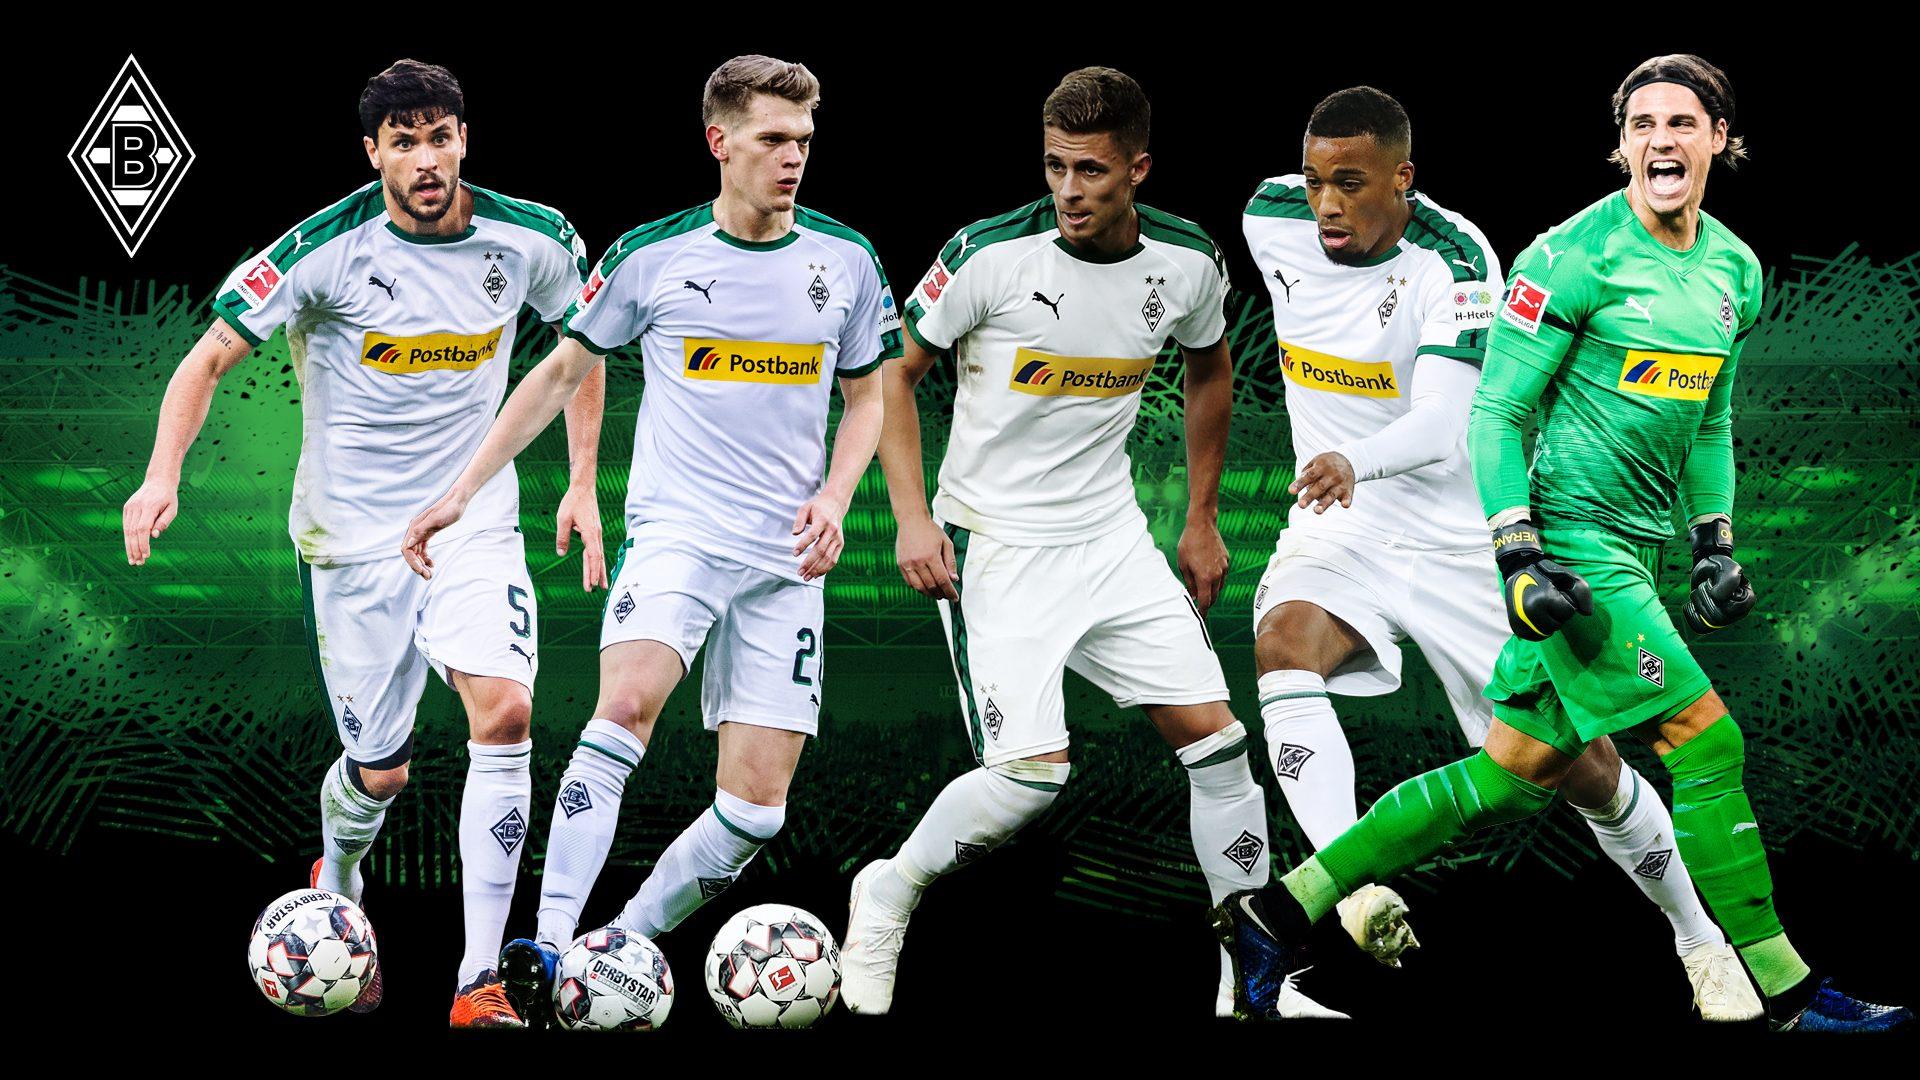 Mönchengladbachs Schlüsselspieler gegen Frankfurt